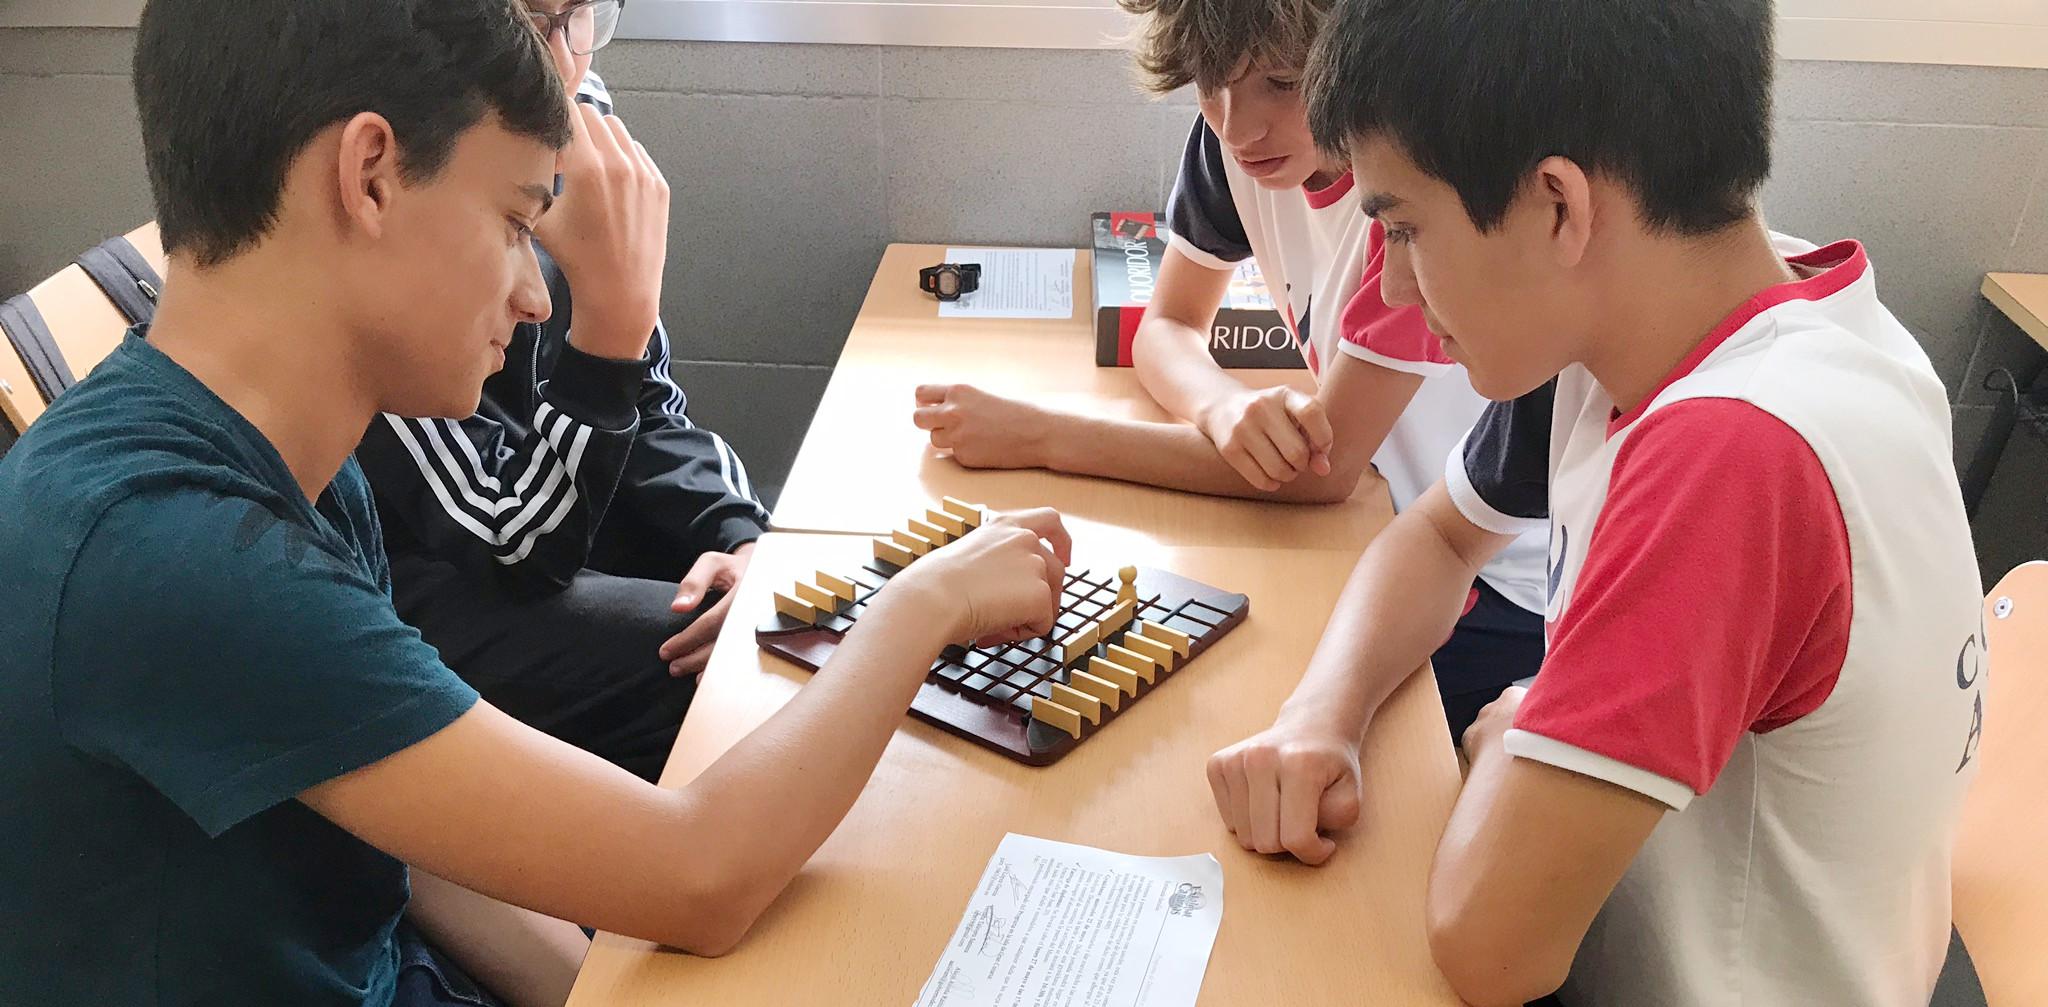 Un total de 122 centros y 1.178 estudiantes, inscritos en el proyecto educativo que estimula el talento matemático